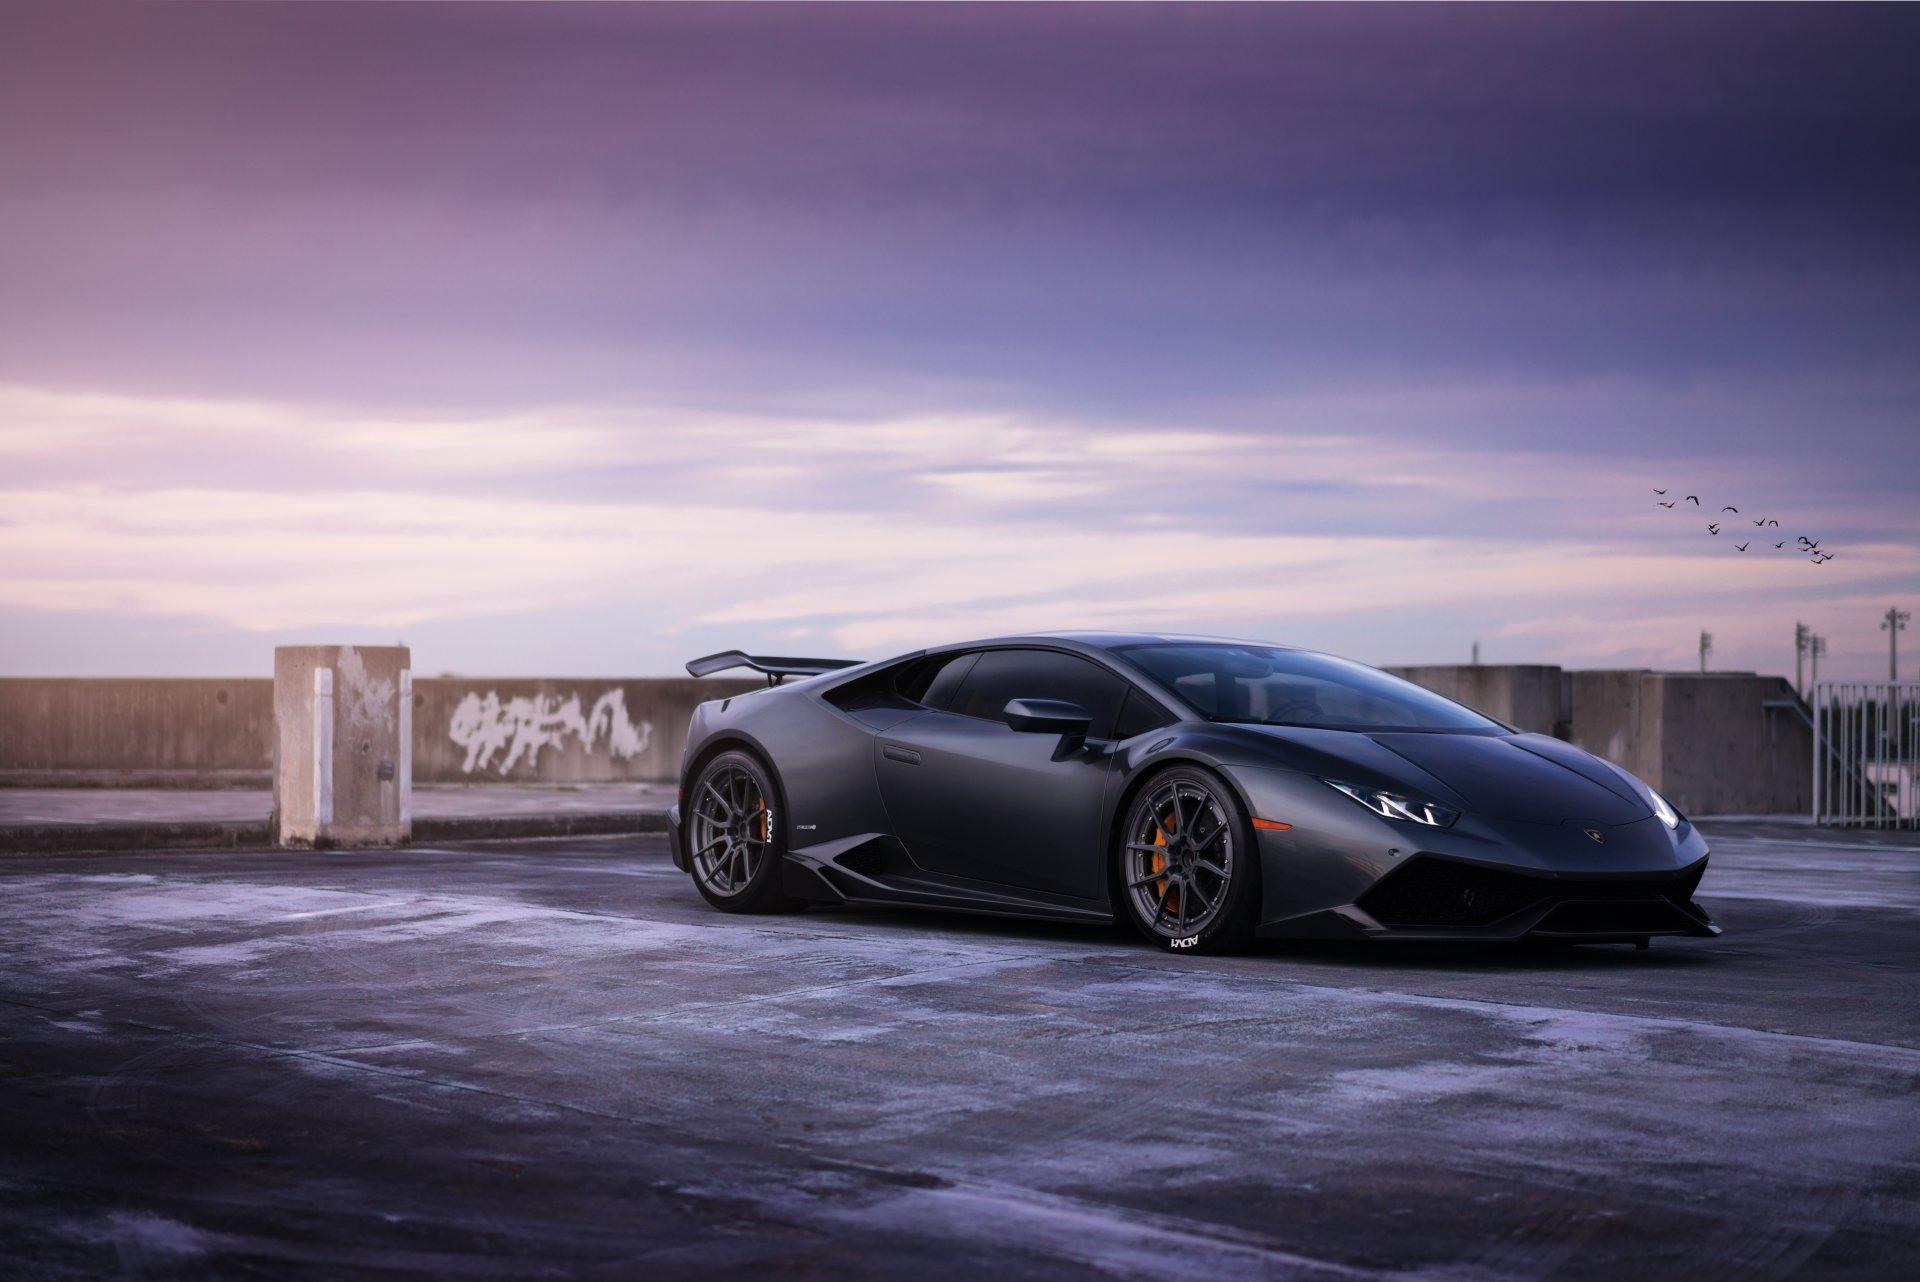 308 Lamborghini Huracan Fondos De Pantalla Hd Fondos De